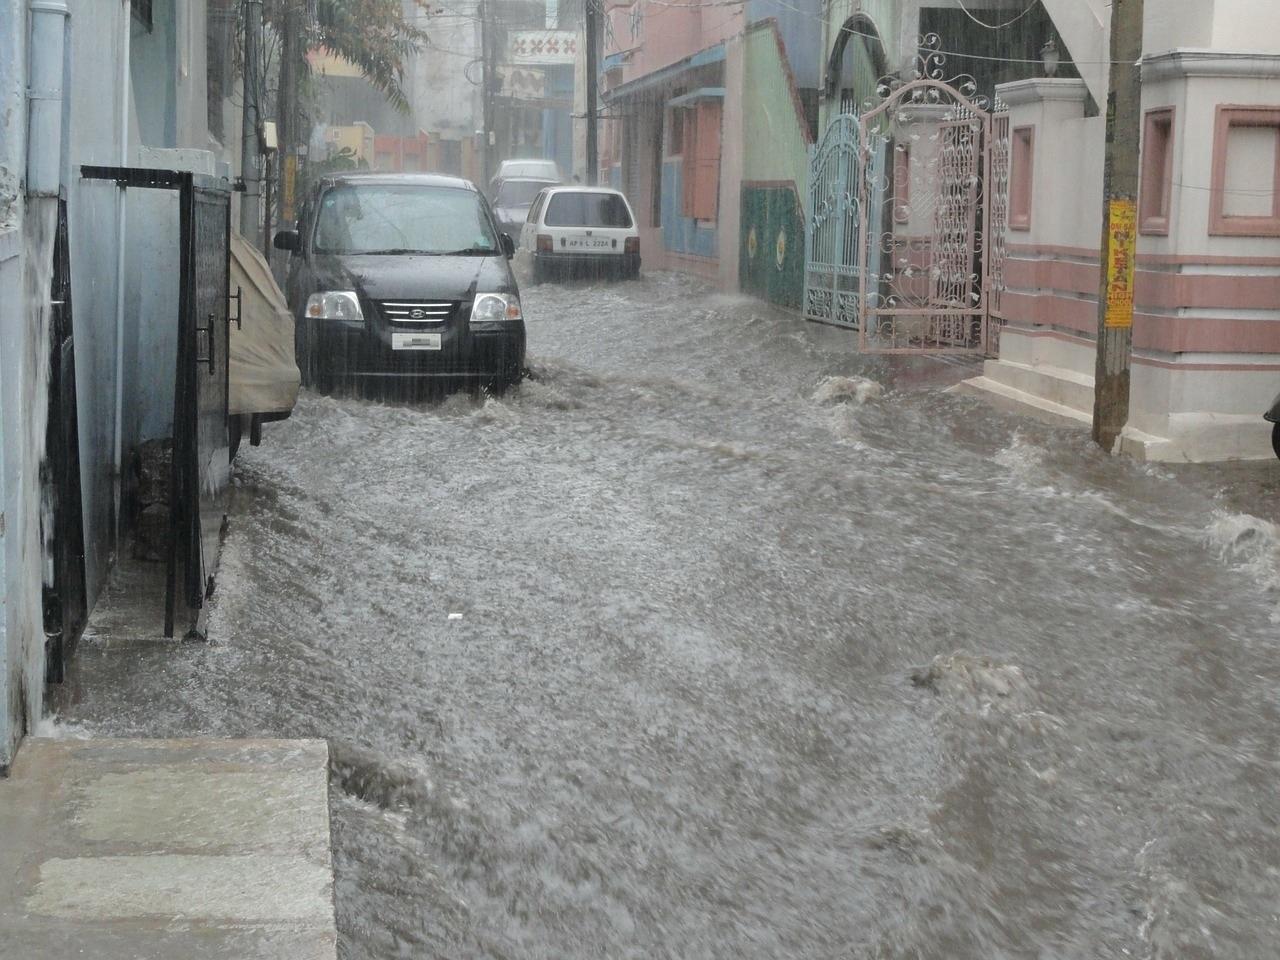 ฝนตกทำให้เกิดน้ำท่วมบ้านเรือนได้รับความเสียหาย